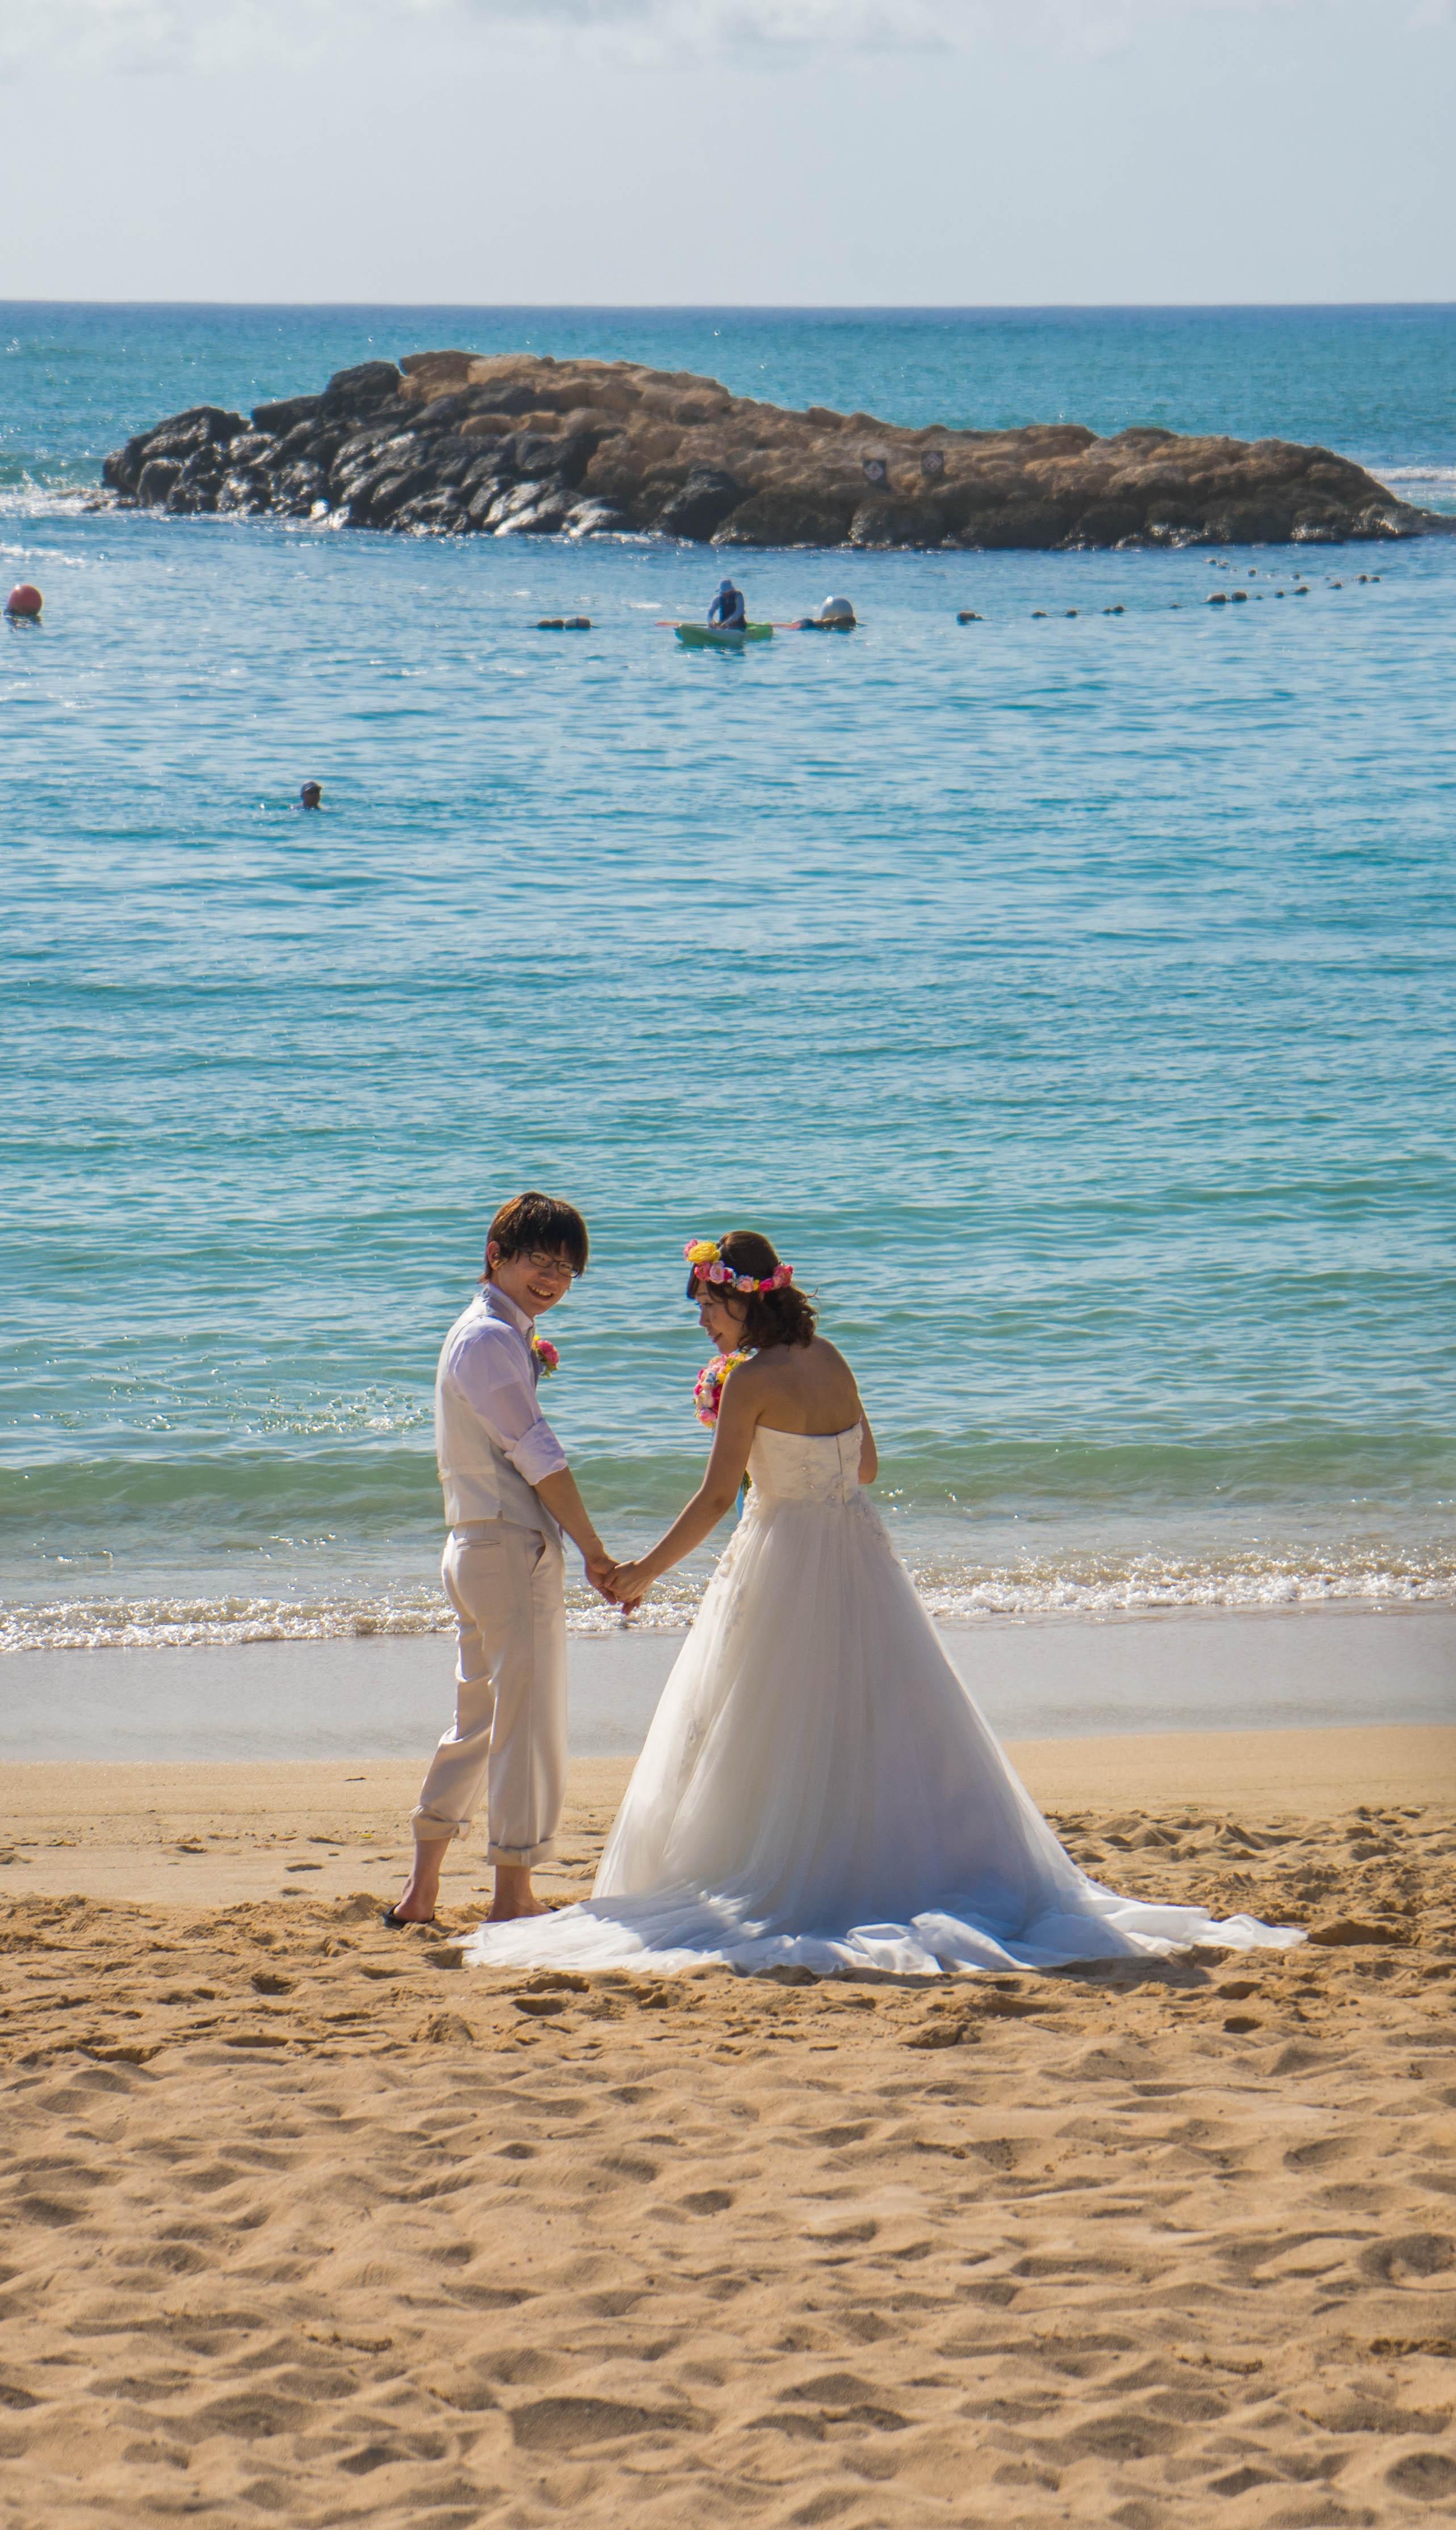 vestidos longos para casamento na praia